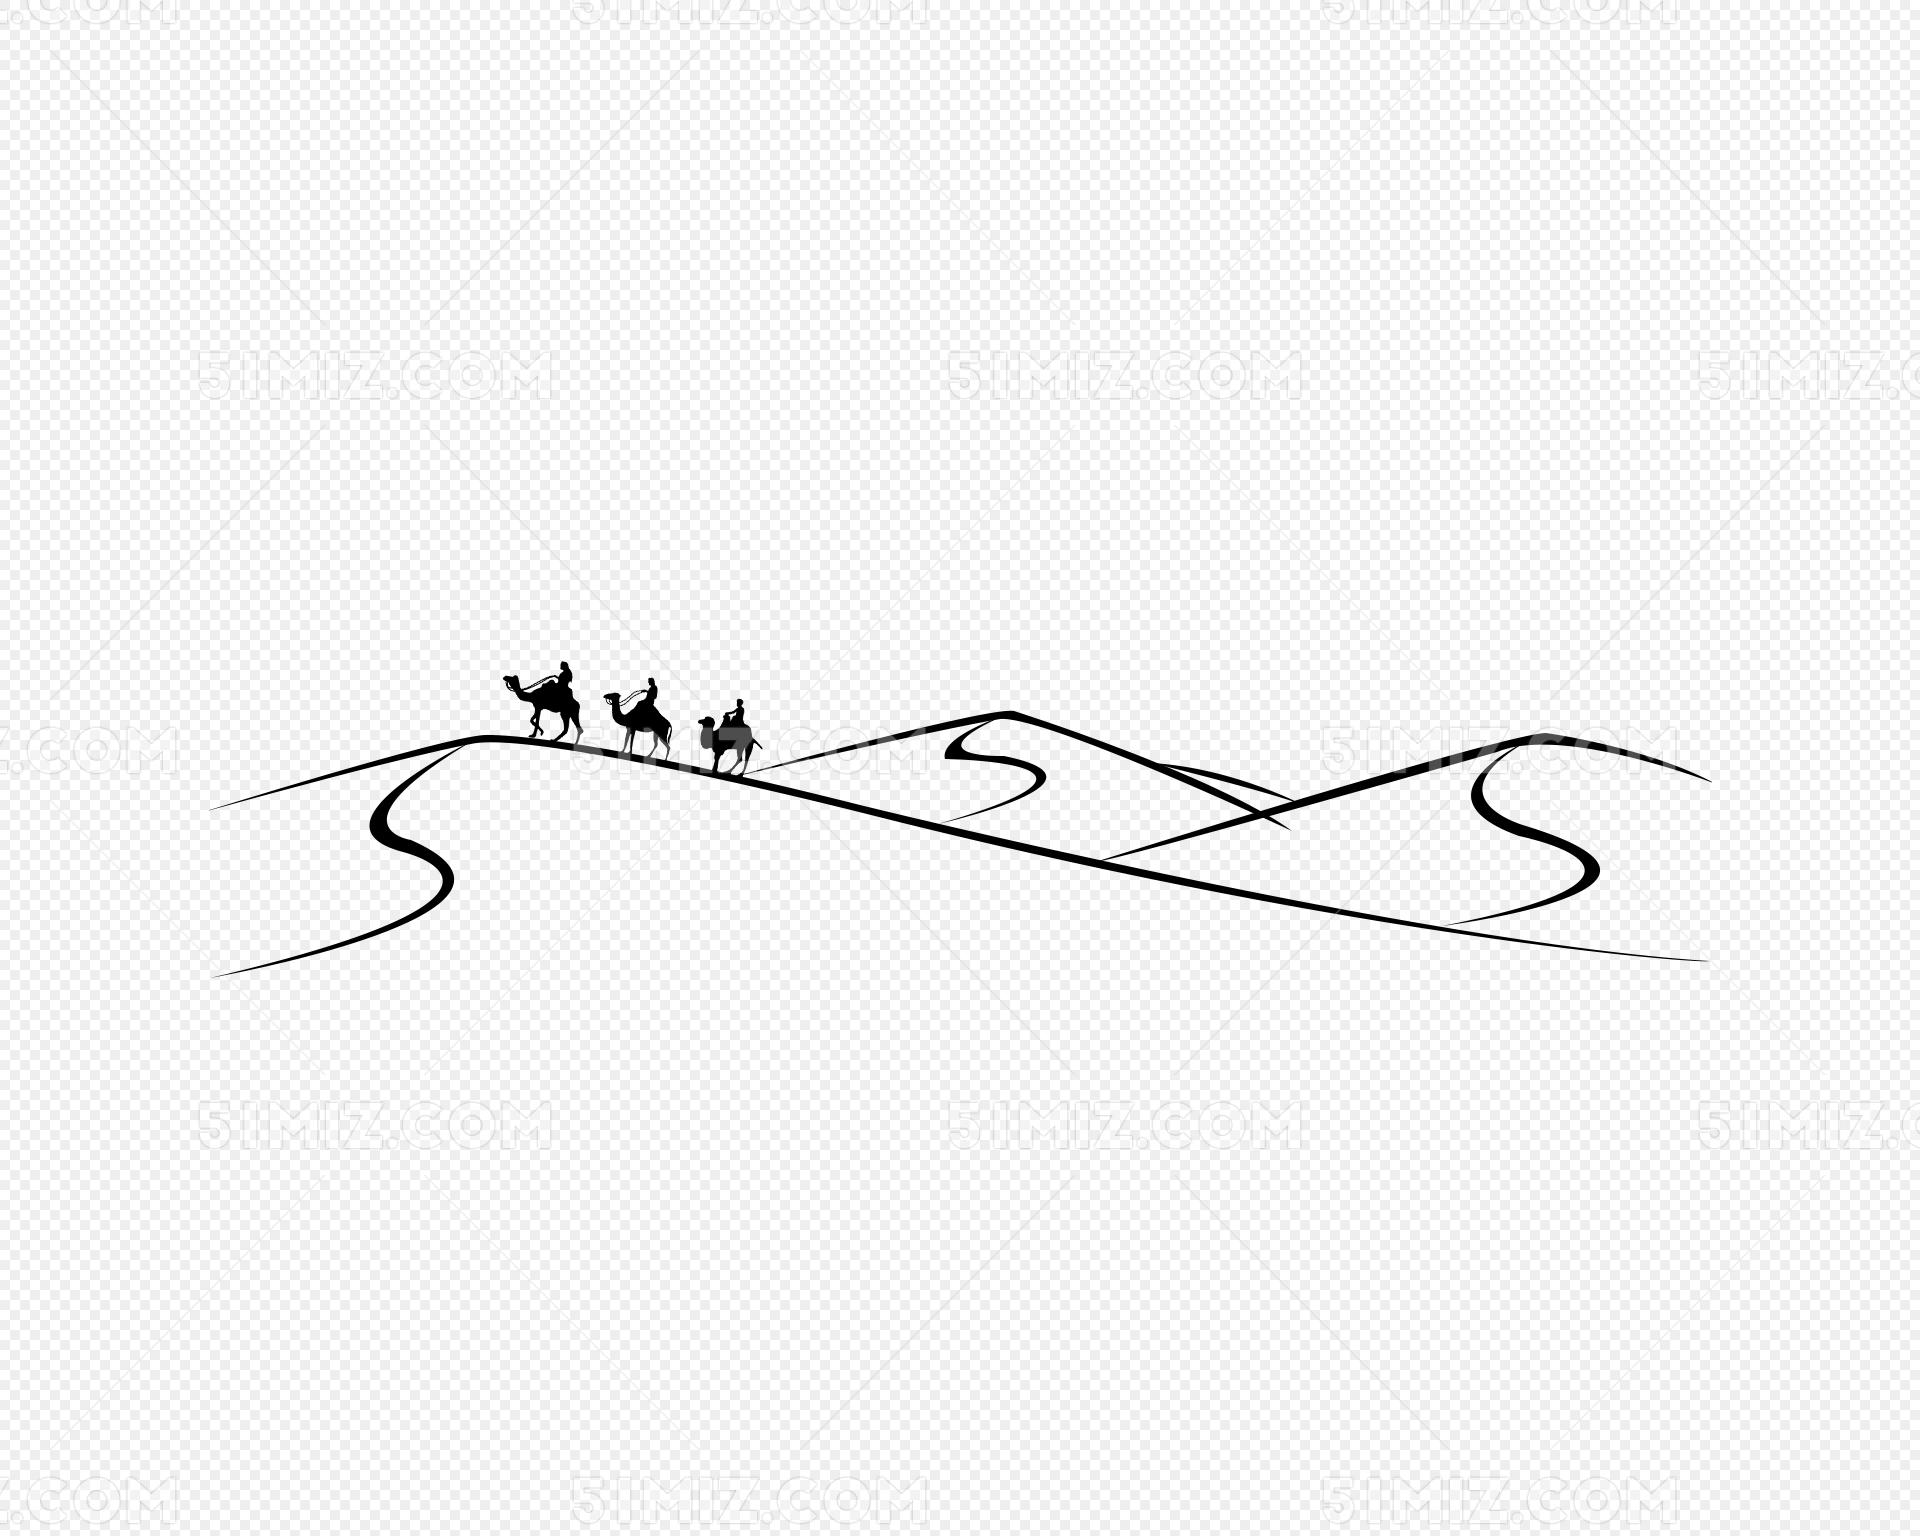 走在沙漠里的骆驼简笔画